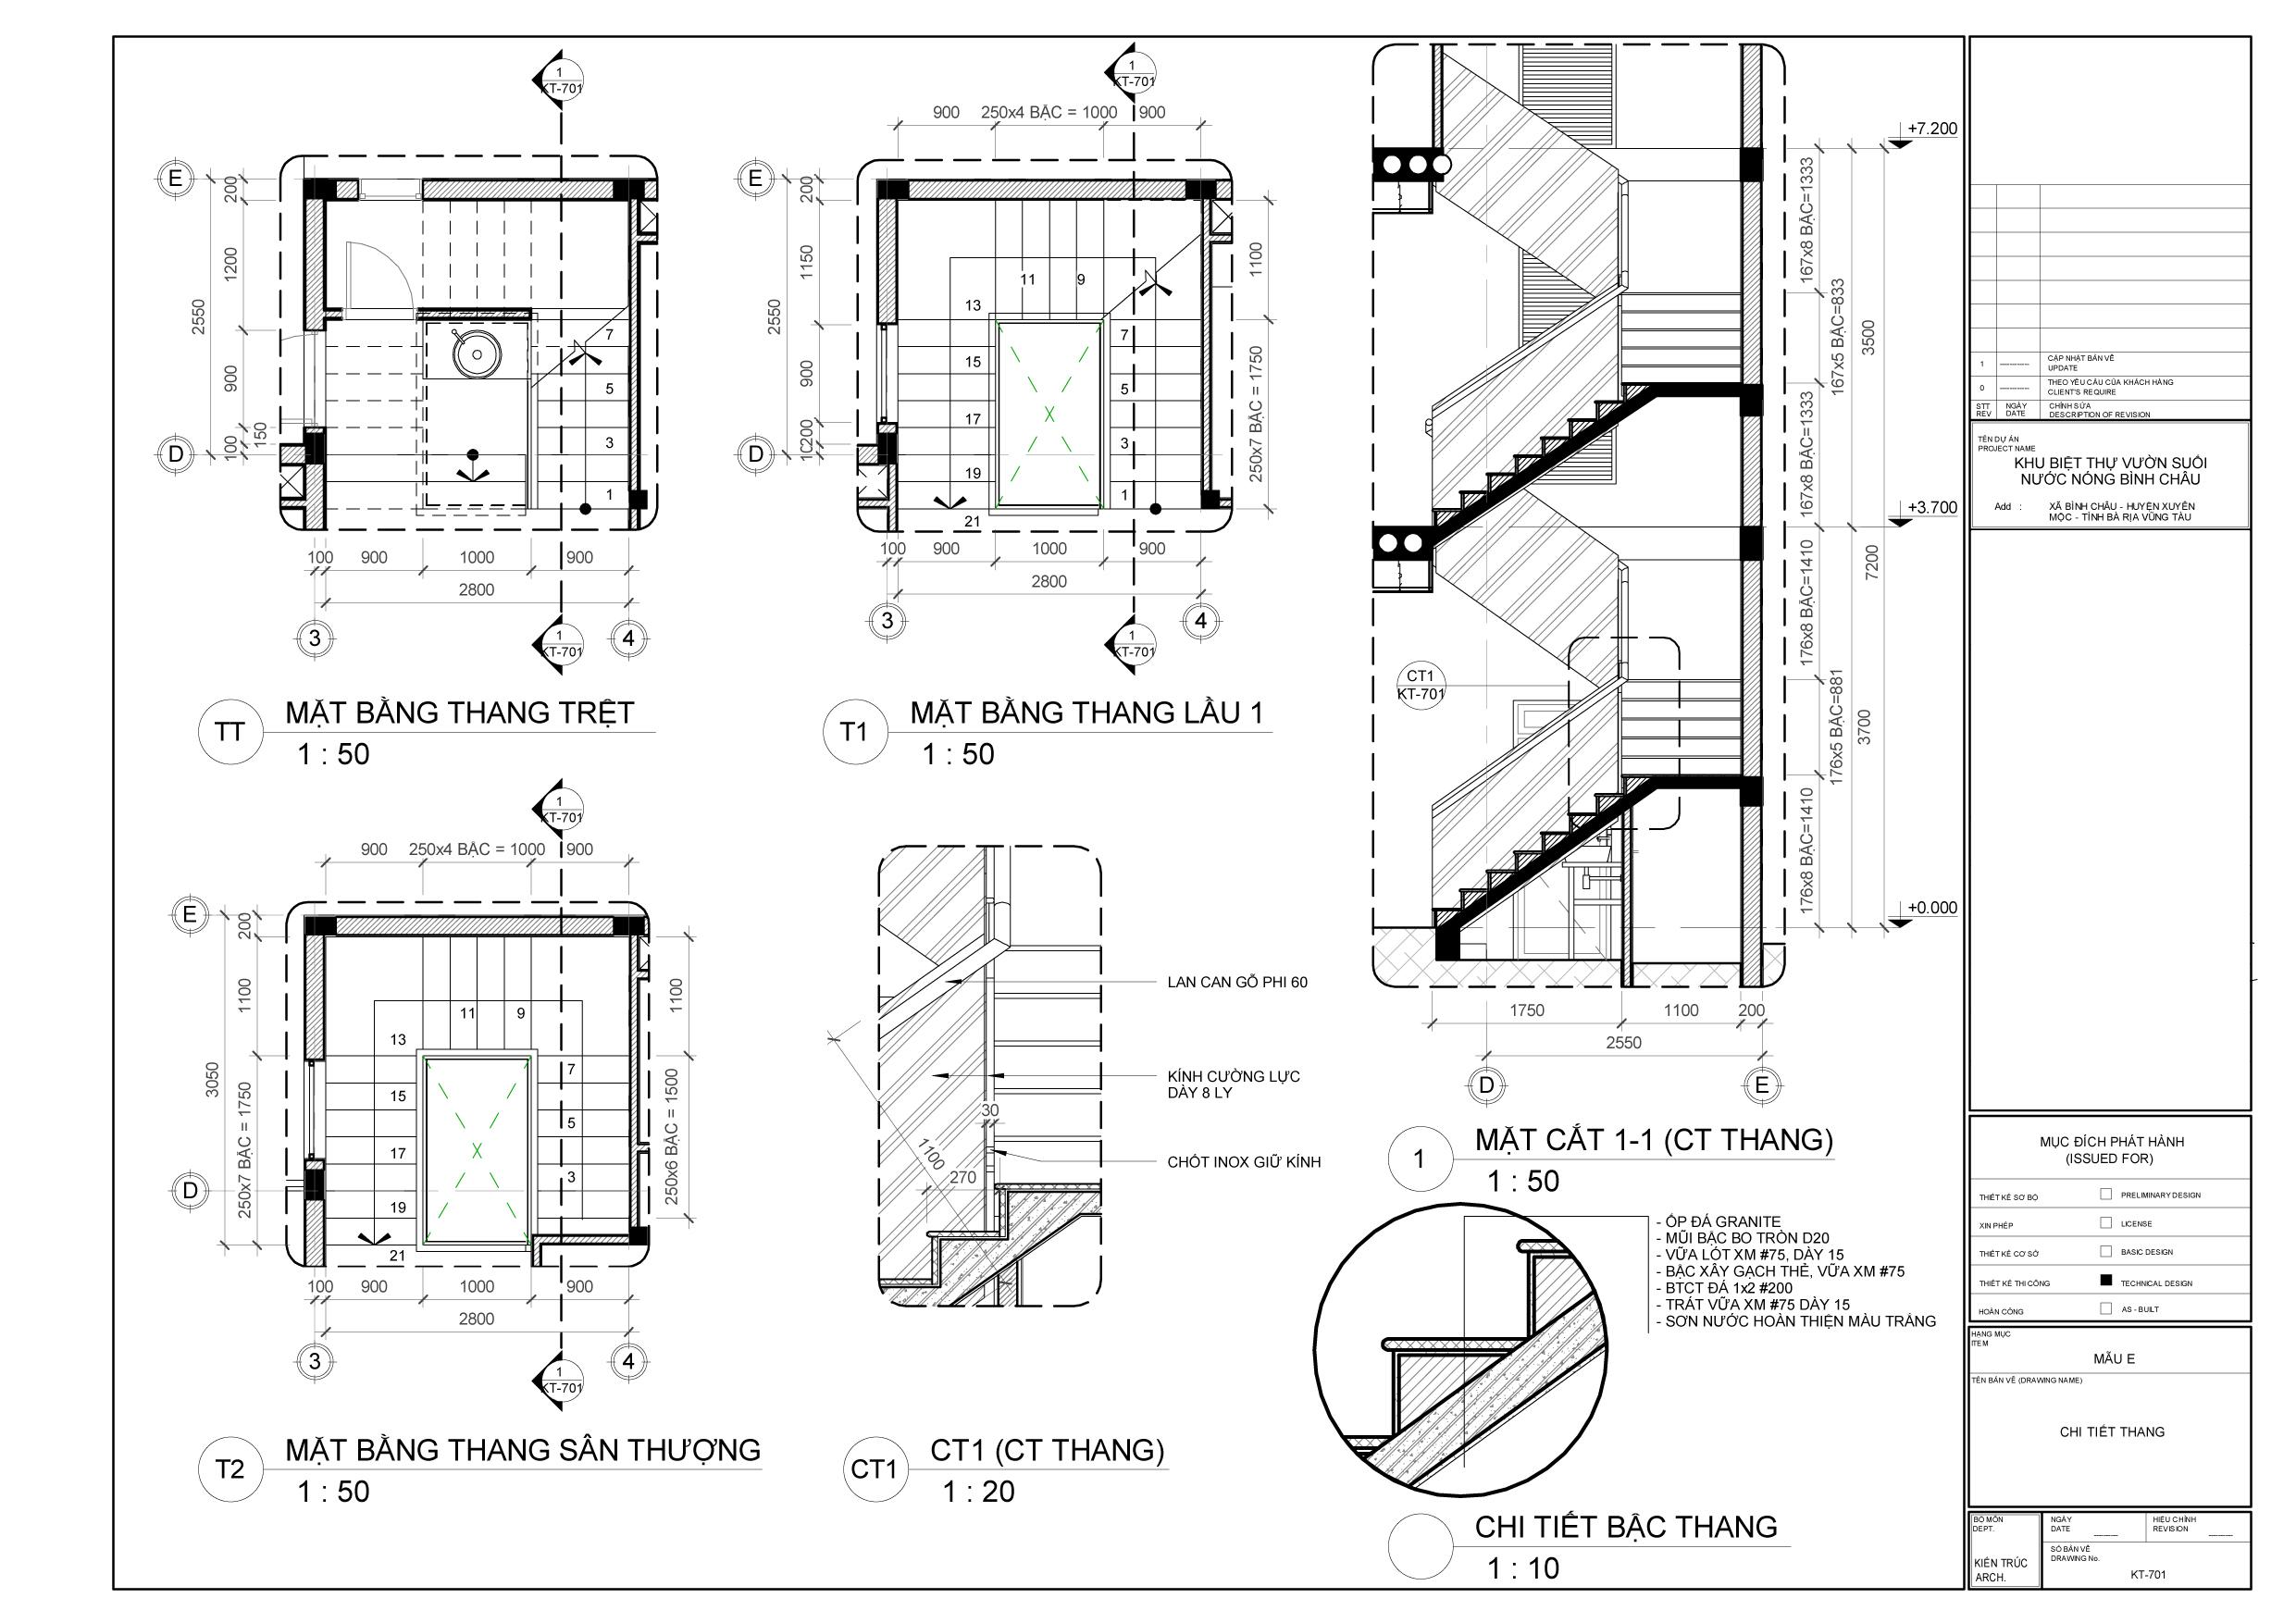 lop hoc revit architecture chuyên sâu tại gò vấp